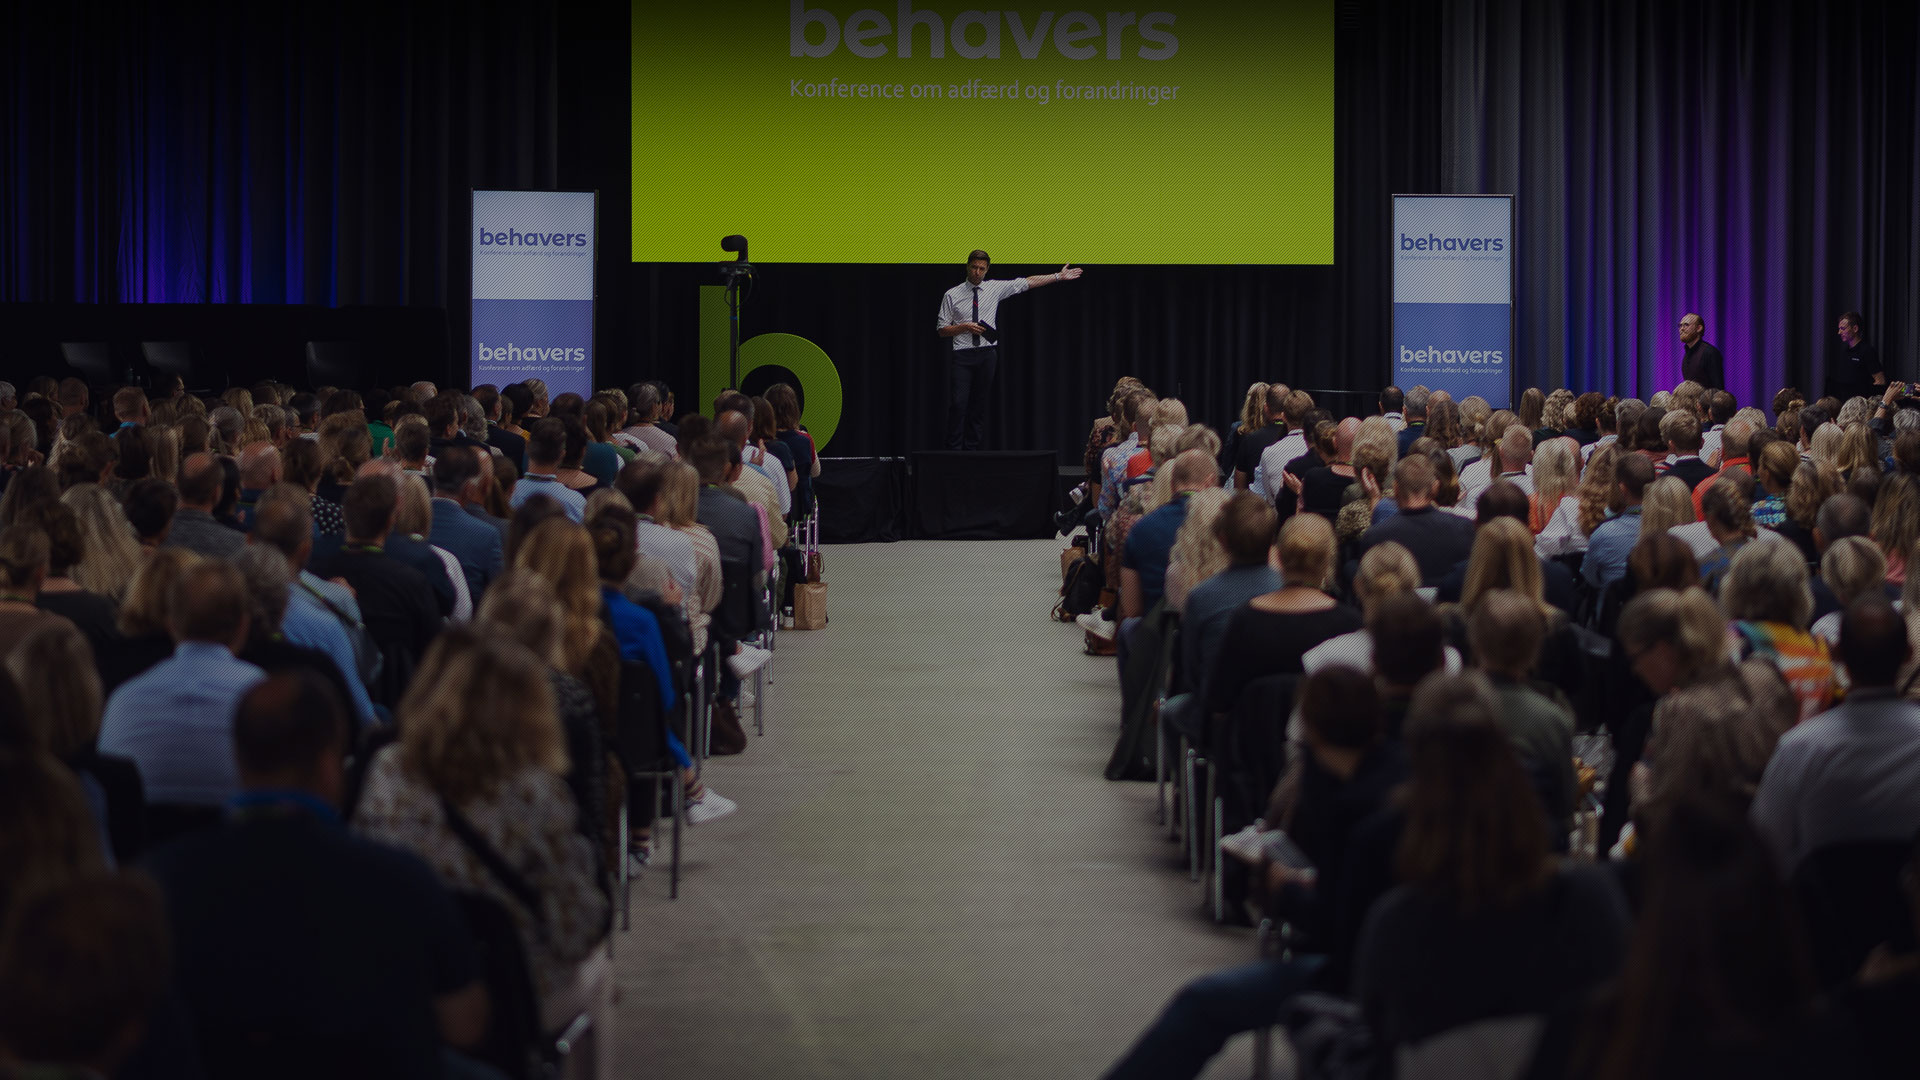 behavers